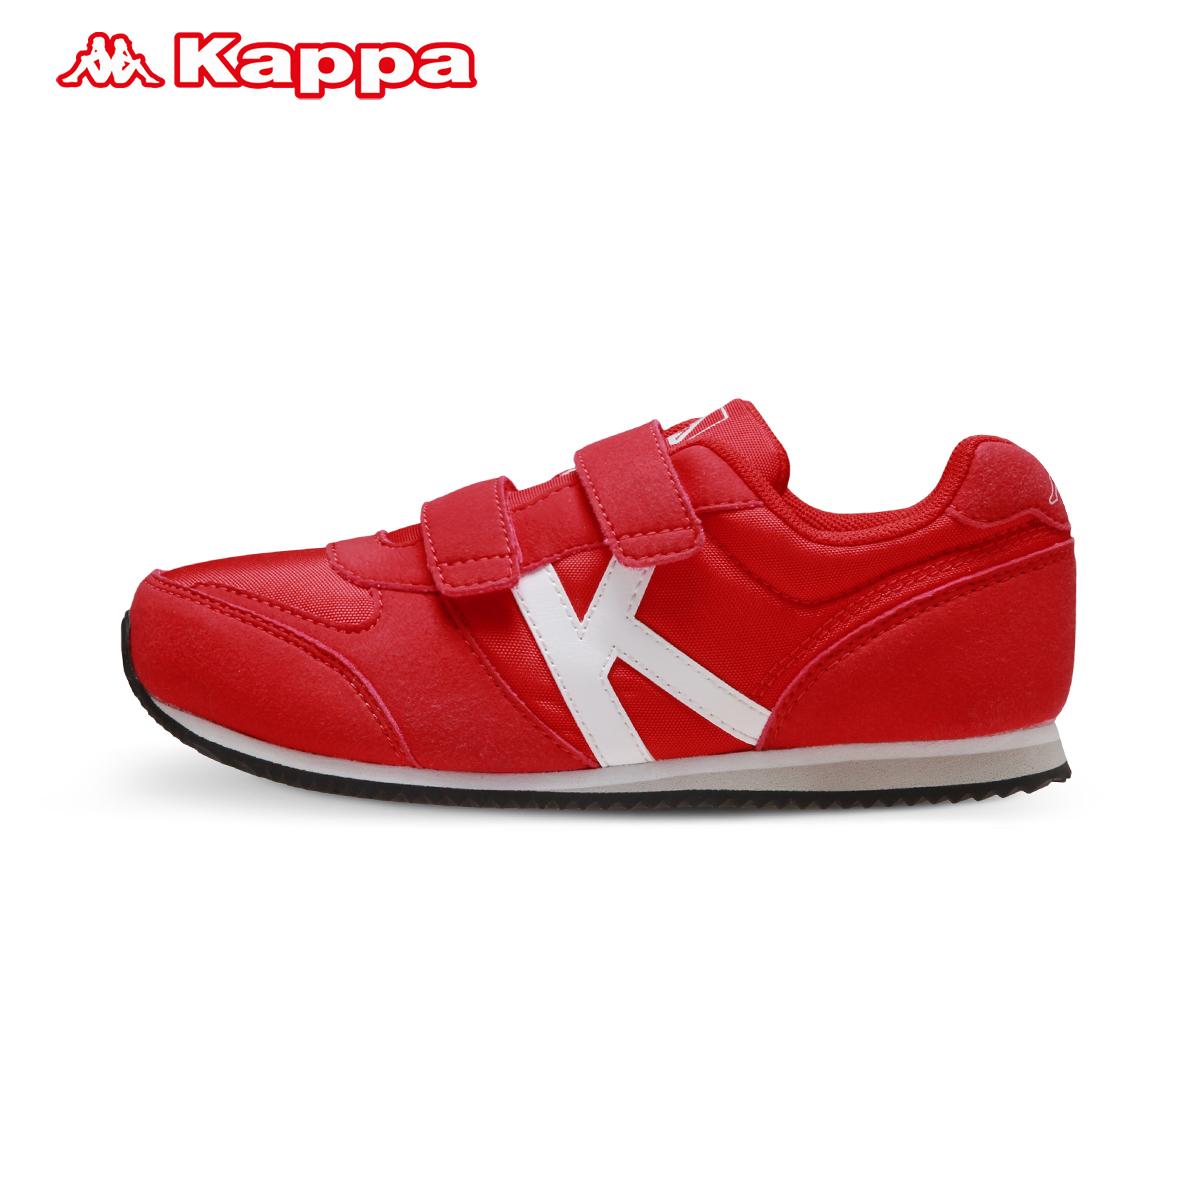 ^~年^~Kappakids童鞋 男女兒童魔術貼 鞋複古跑鞋潮鞋K05Y5MM06